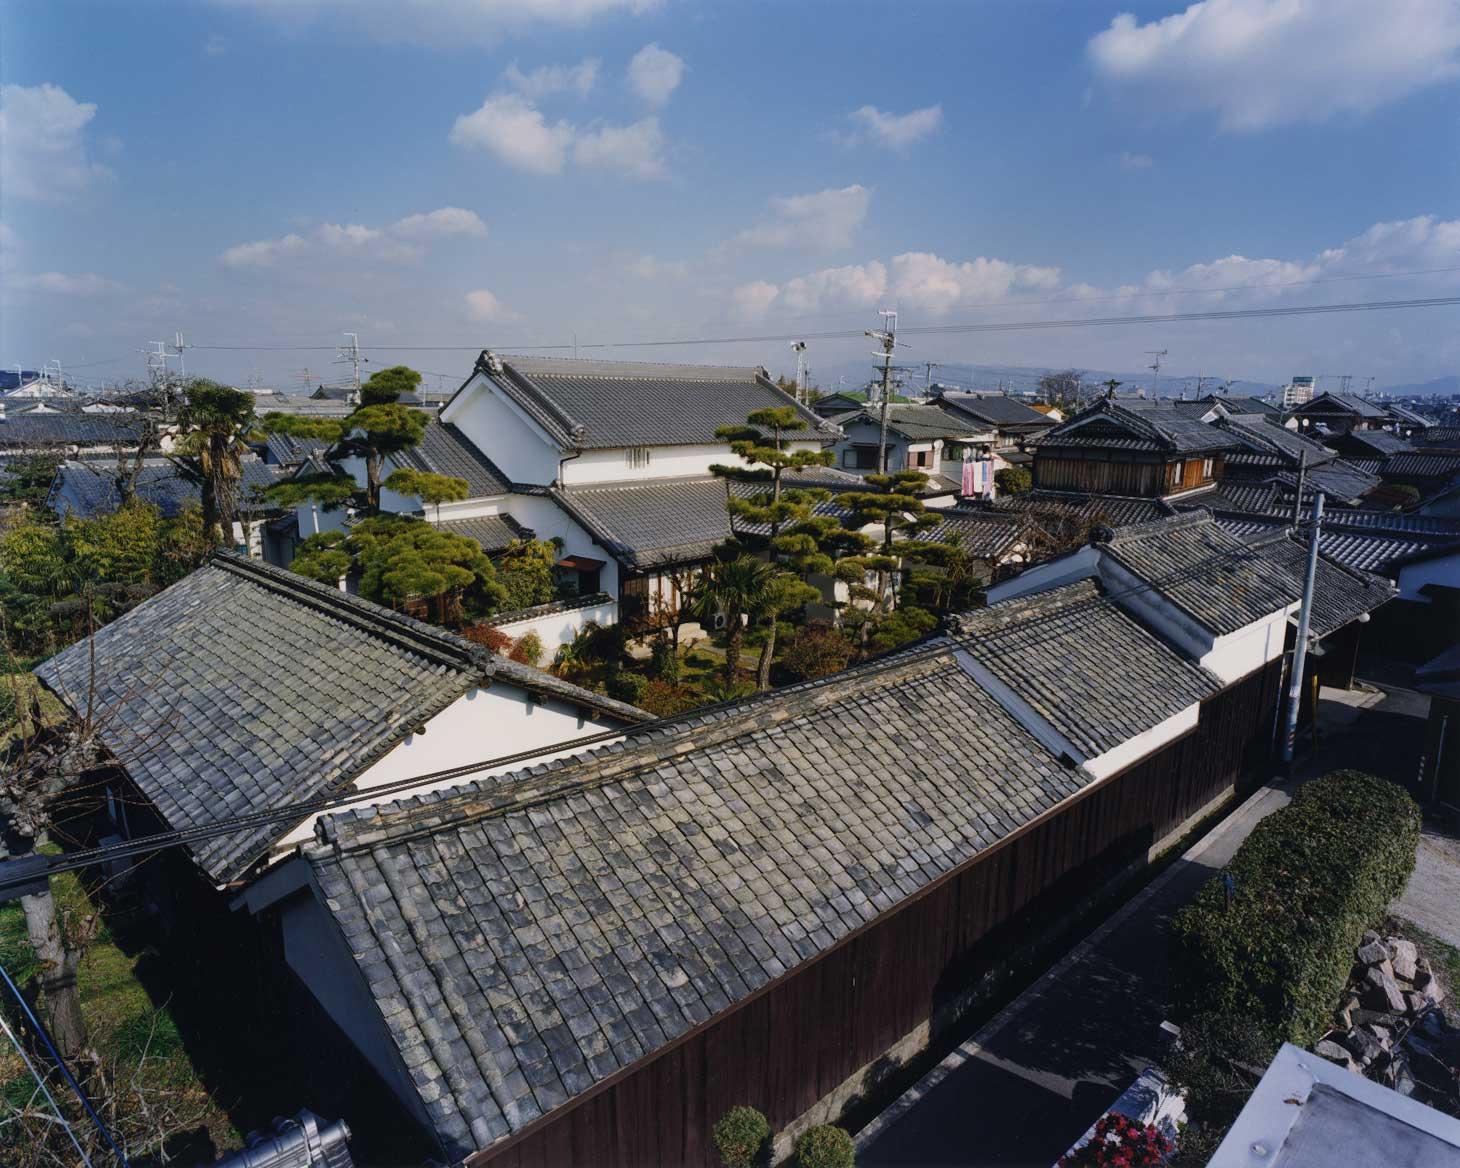 <p>畑田家住宅全景</p>畑田家は、庄屋や村長を勤め村の経営に携わってきた旧家である。白漆喰塗の外観は、旧家の風格を良く伝えている。